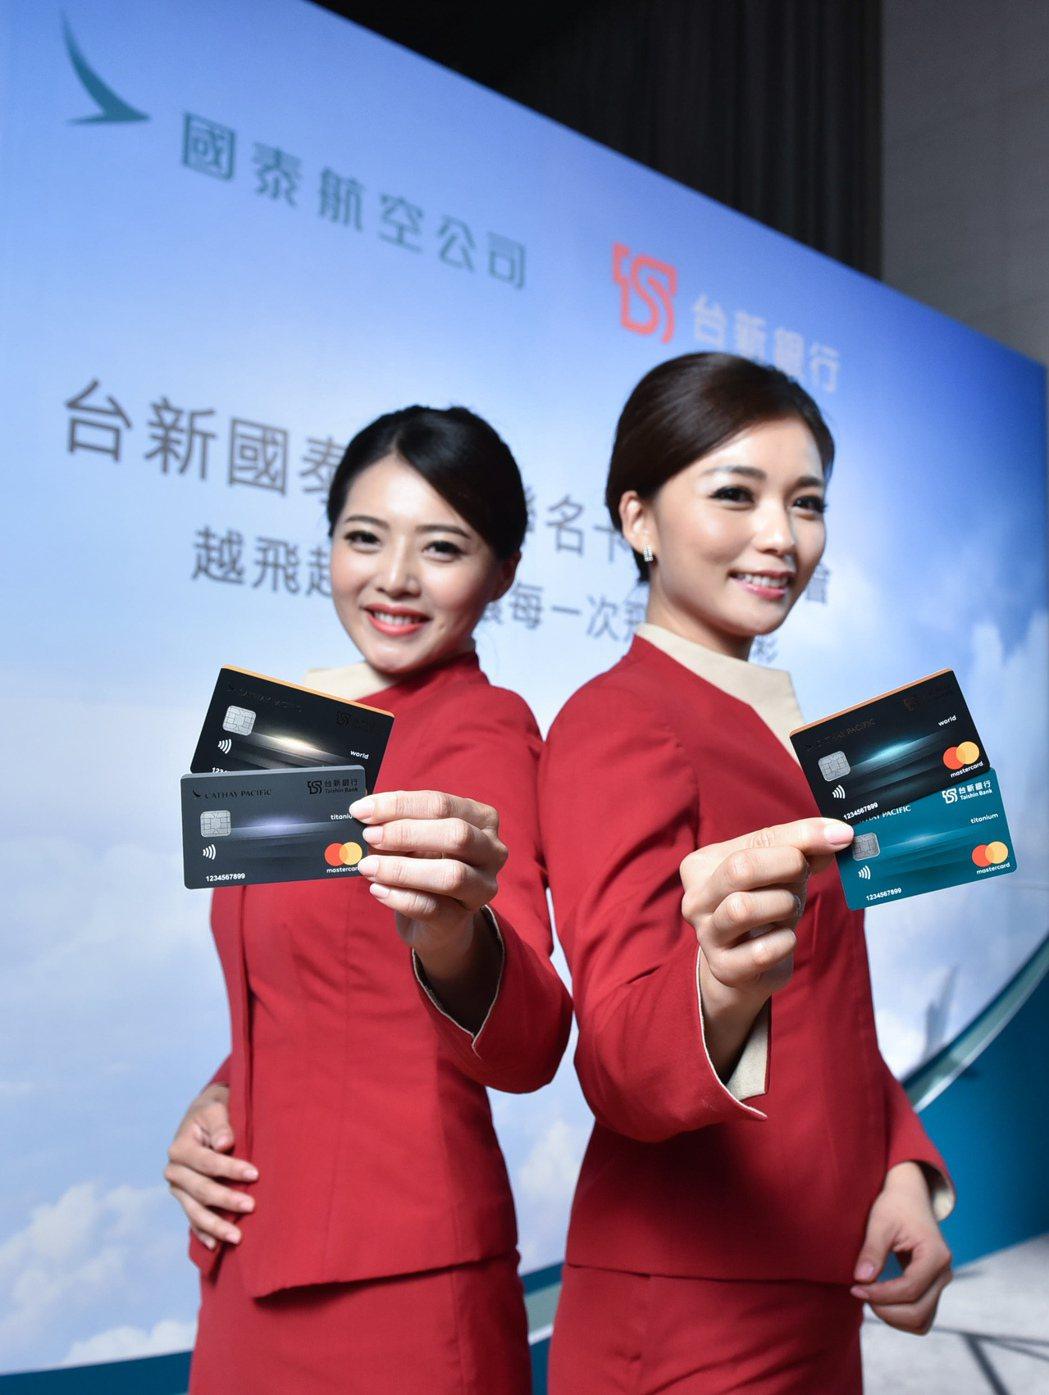 新戶申辦台新銀行國泰航空聯名卡,最高獲得 44,000 「亞洲萬里通」里數,再搭...